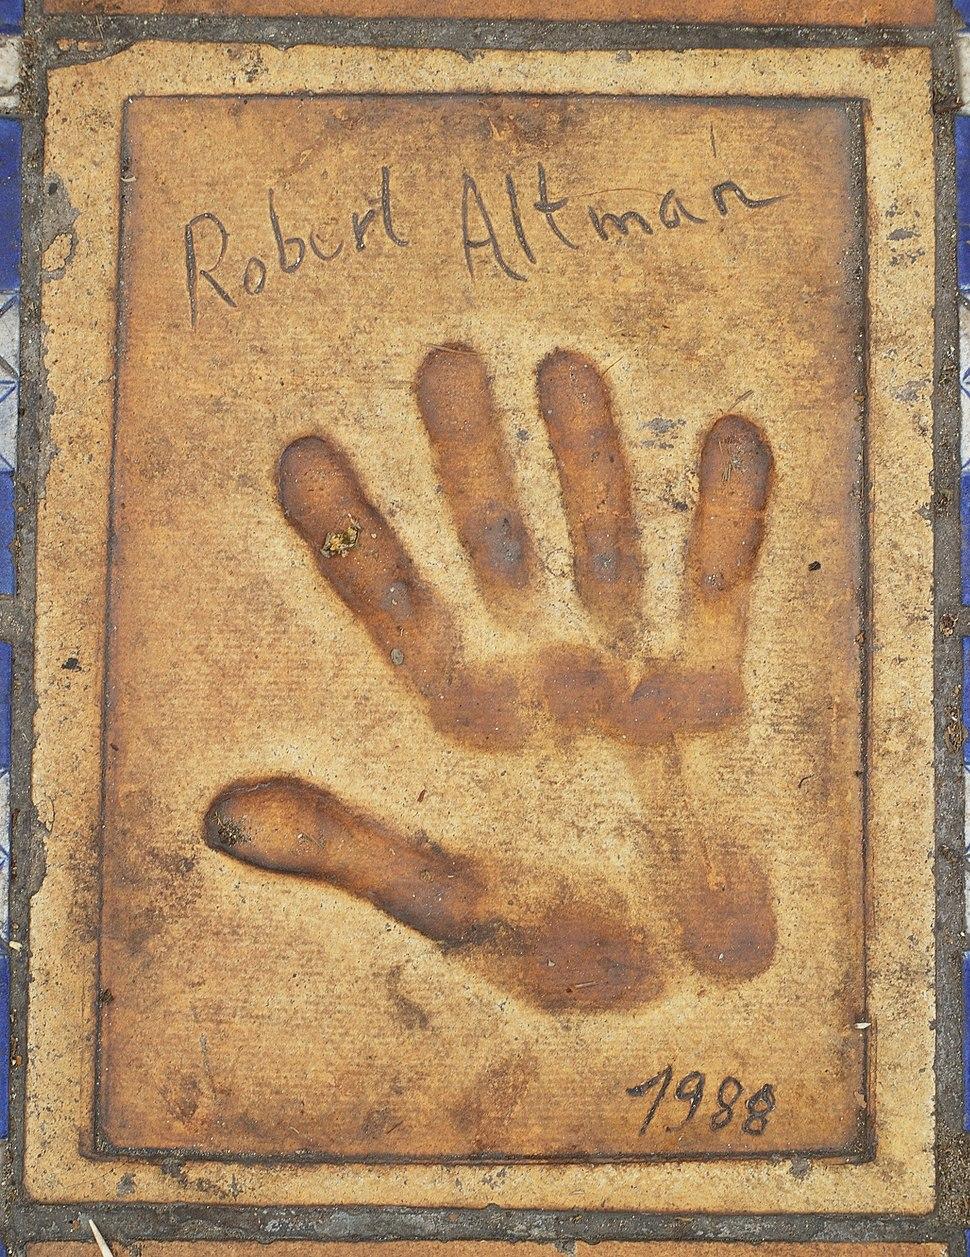 Robert Altman Handprint